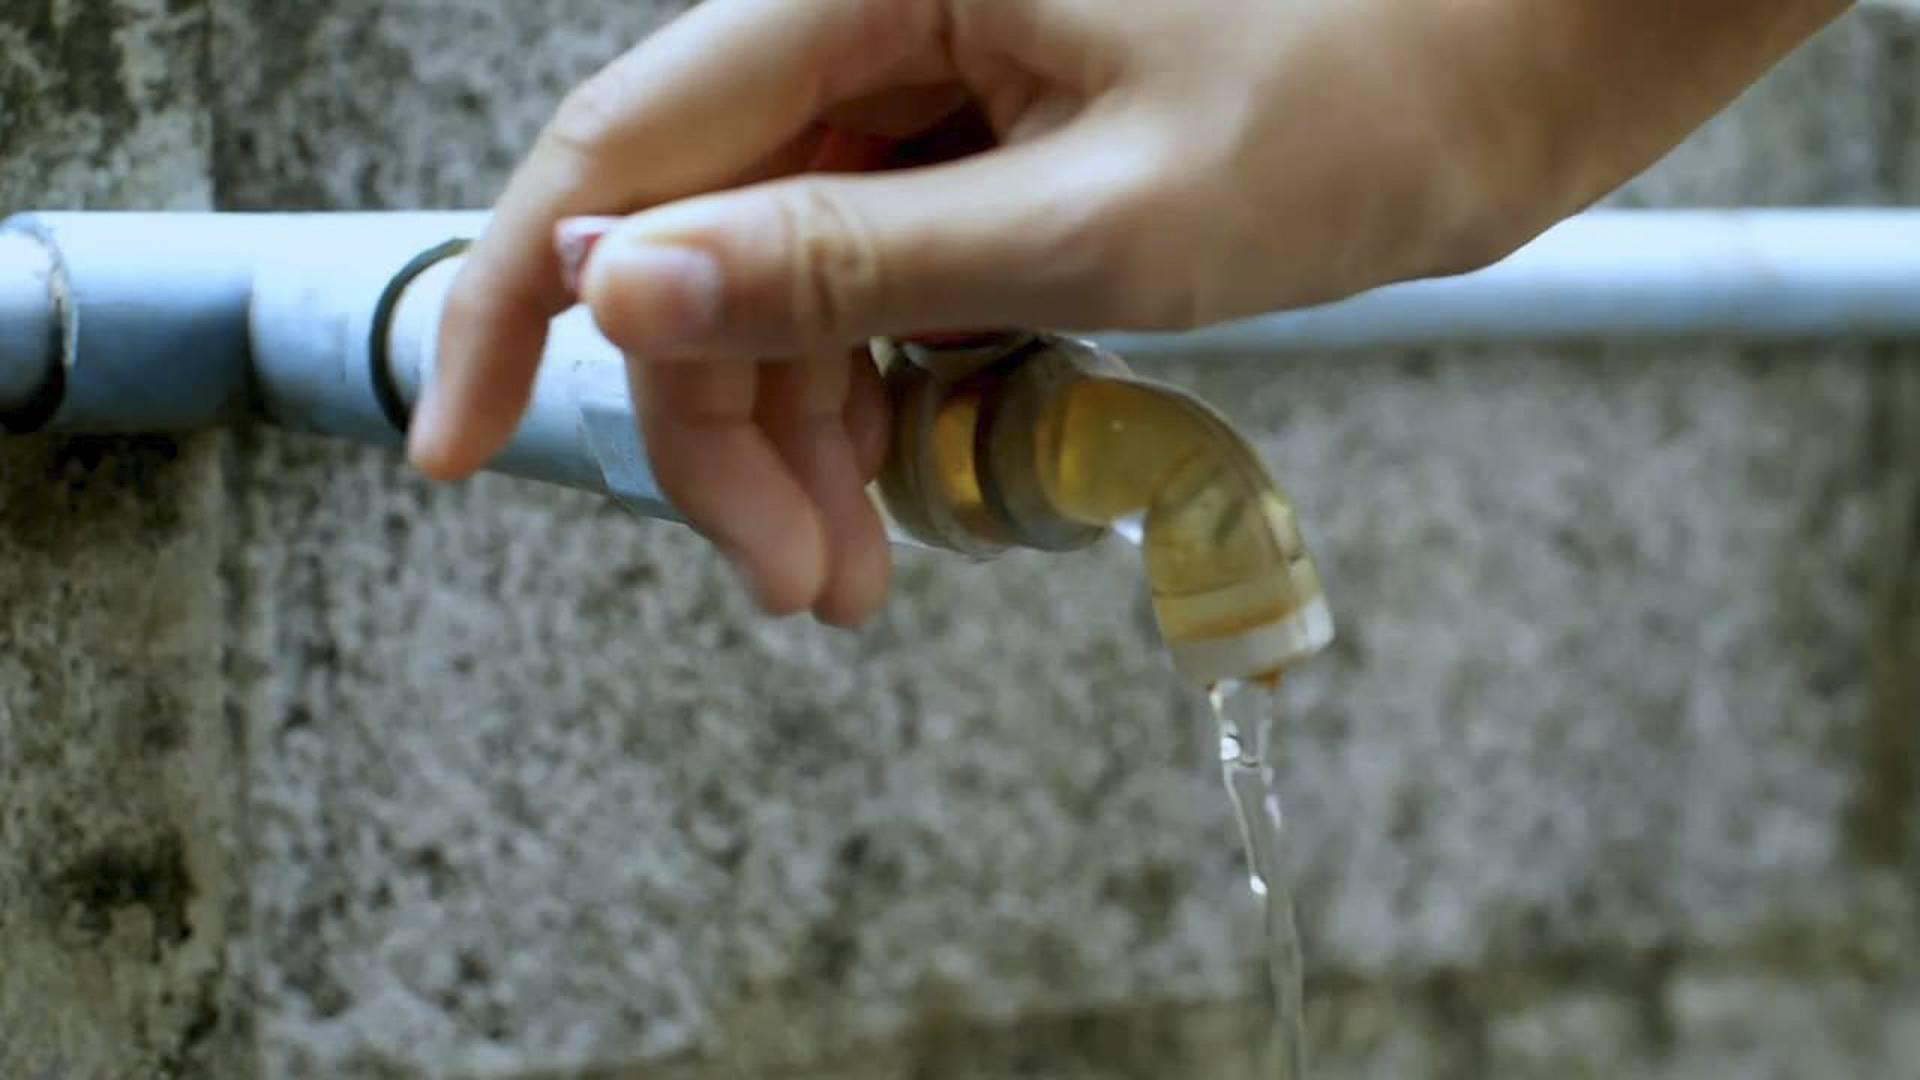 Crise Hídrica: Céu Azul entra em risco de ter rodízio no abastecimento de água